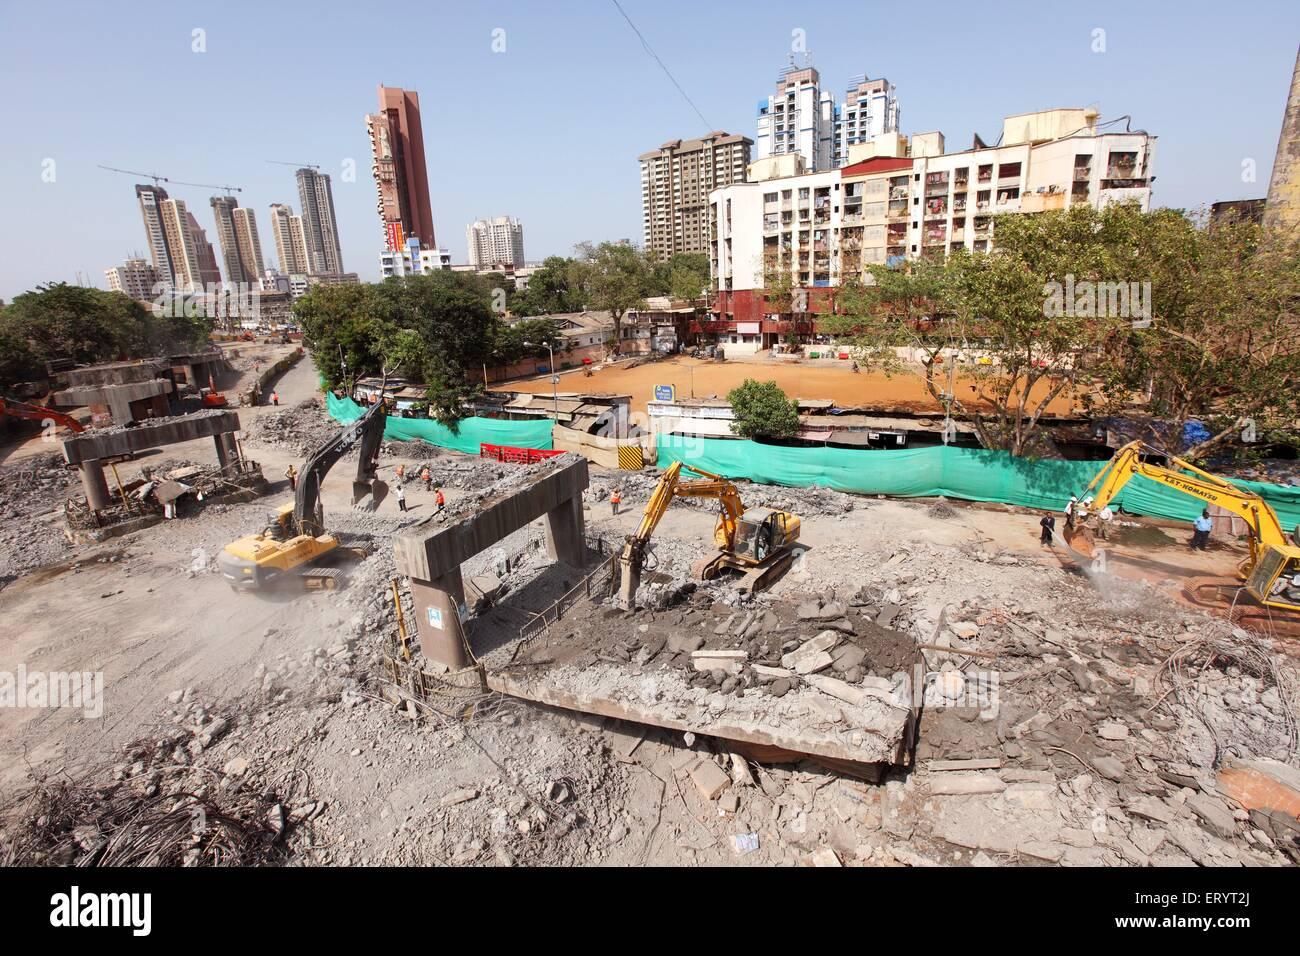 Sant dnyaneshwar flyover demolished at lalbaug ; Bombay Mumbai ; Maharashtra ; India - Stock Image